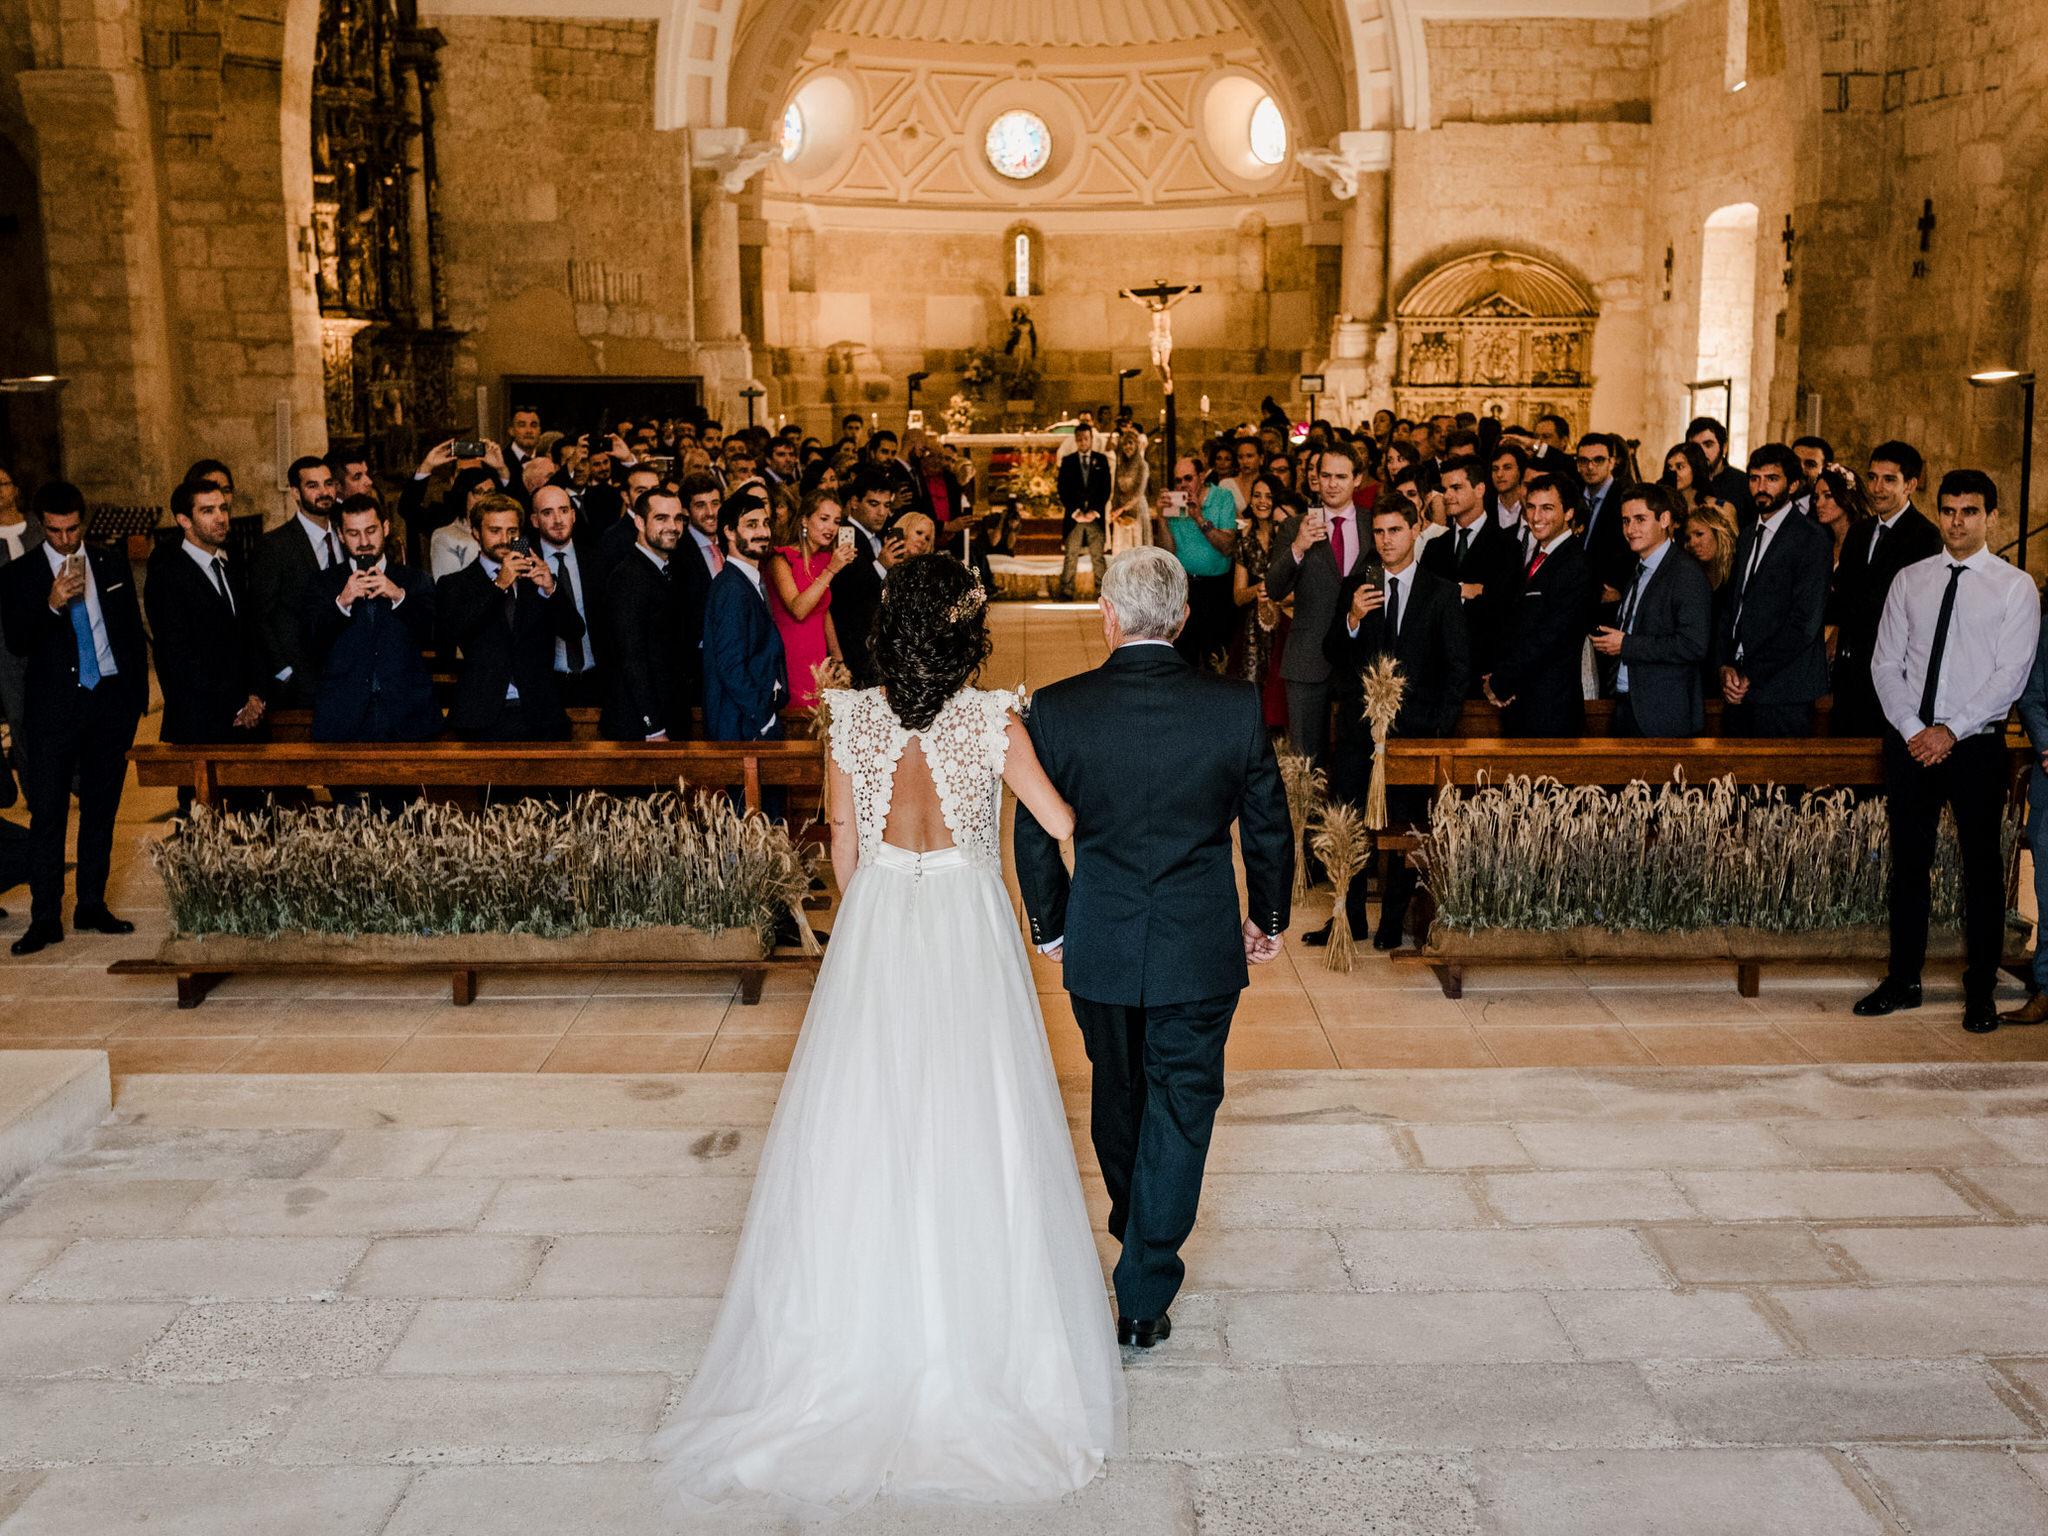 fotografos-de-bodas-valladolid